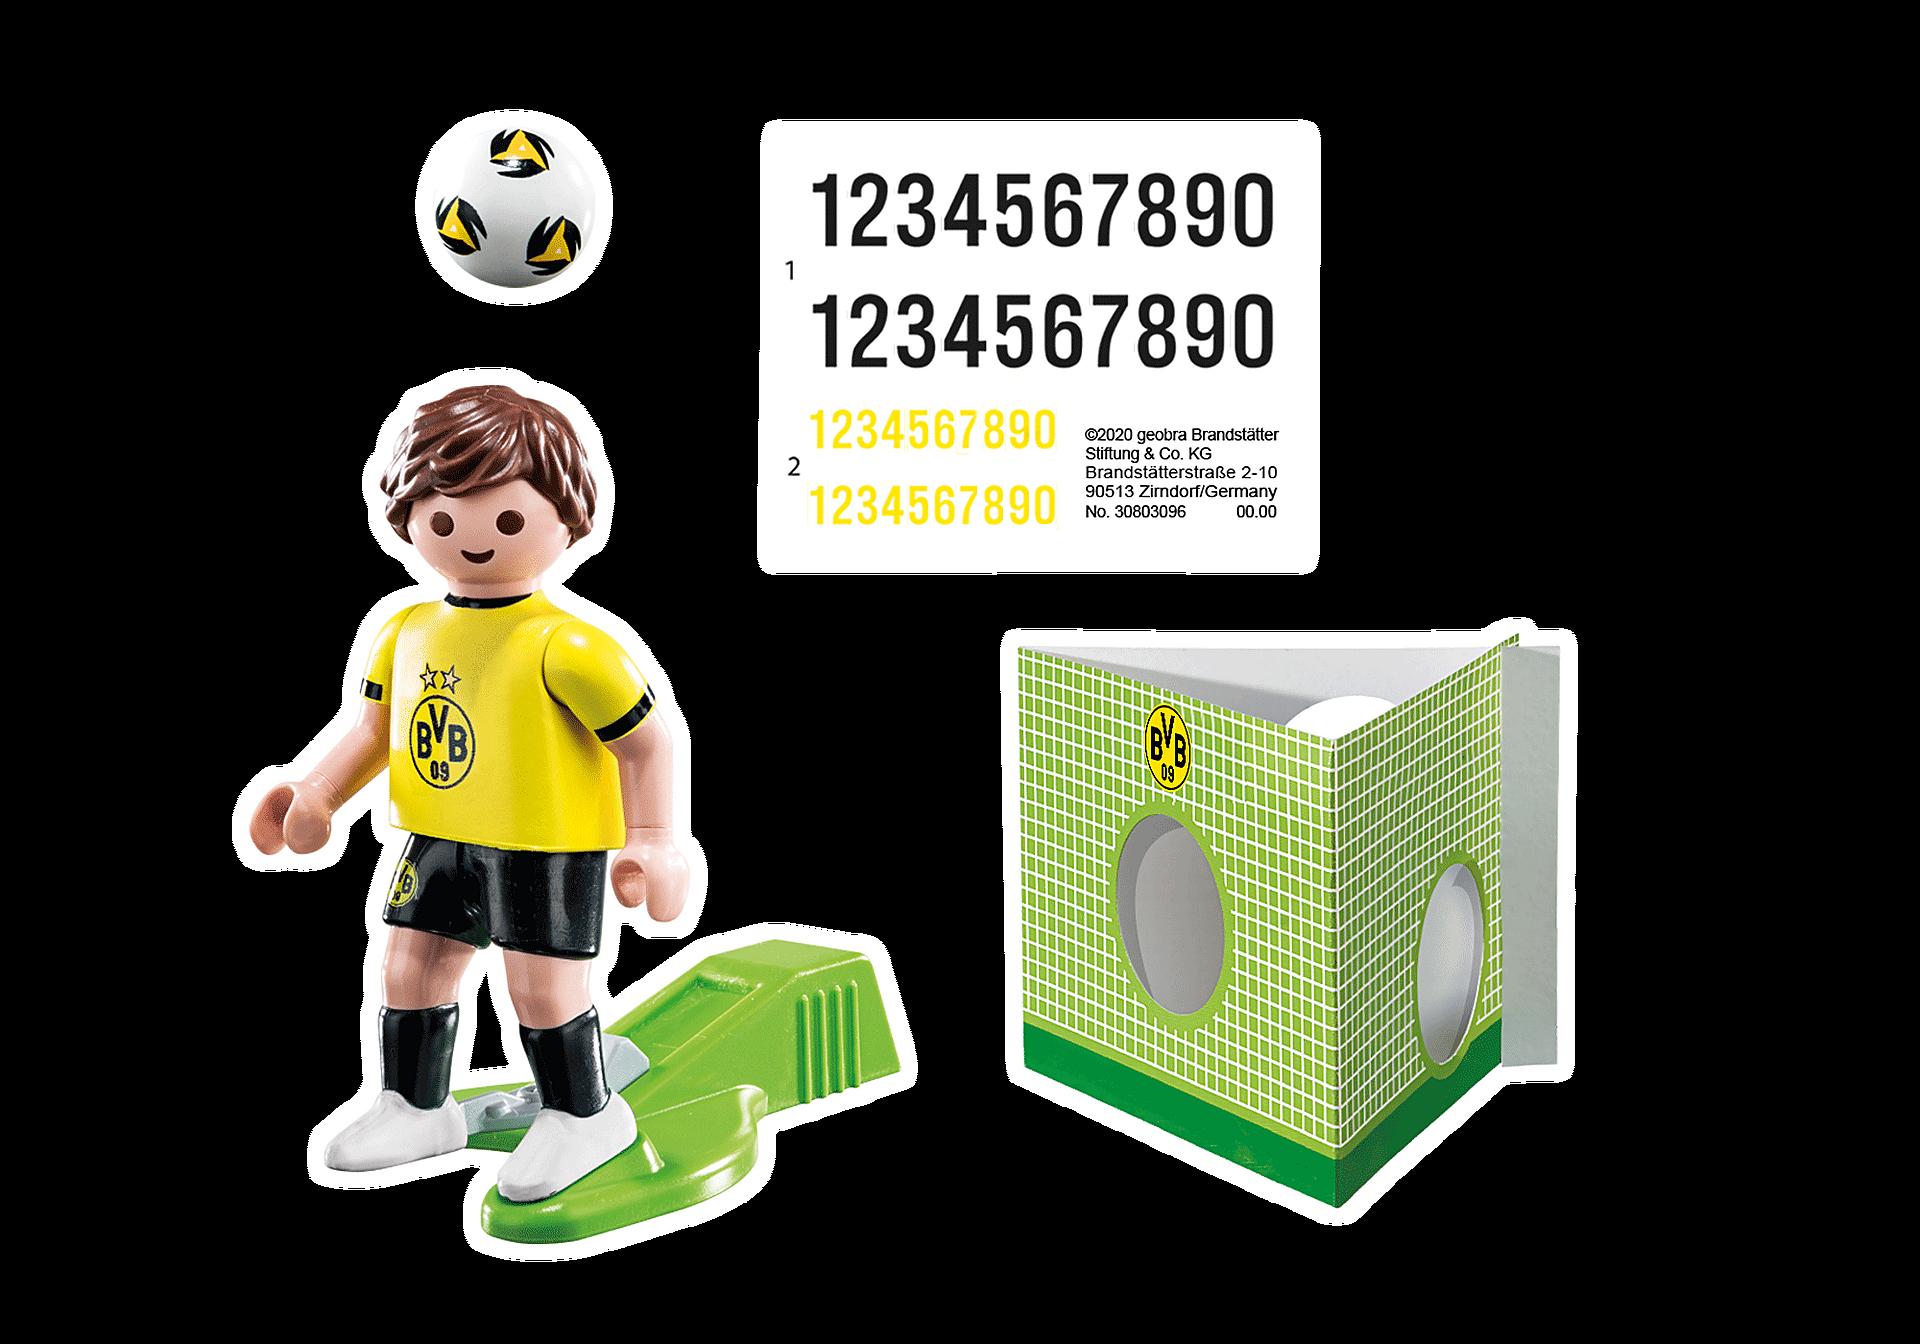 70545 Promover o jogador de futebol BVB zoom image3